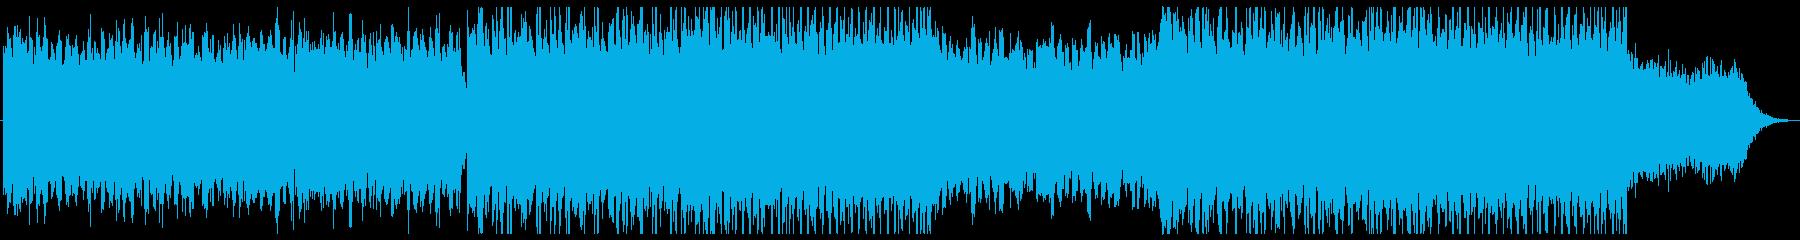 壮大でオリエンタルなシネマティック曲・Kの再生済みの波形